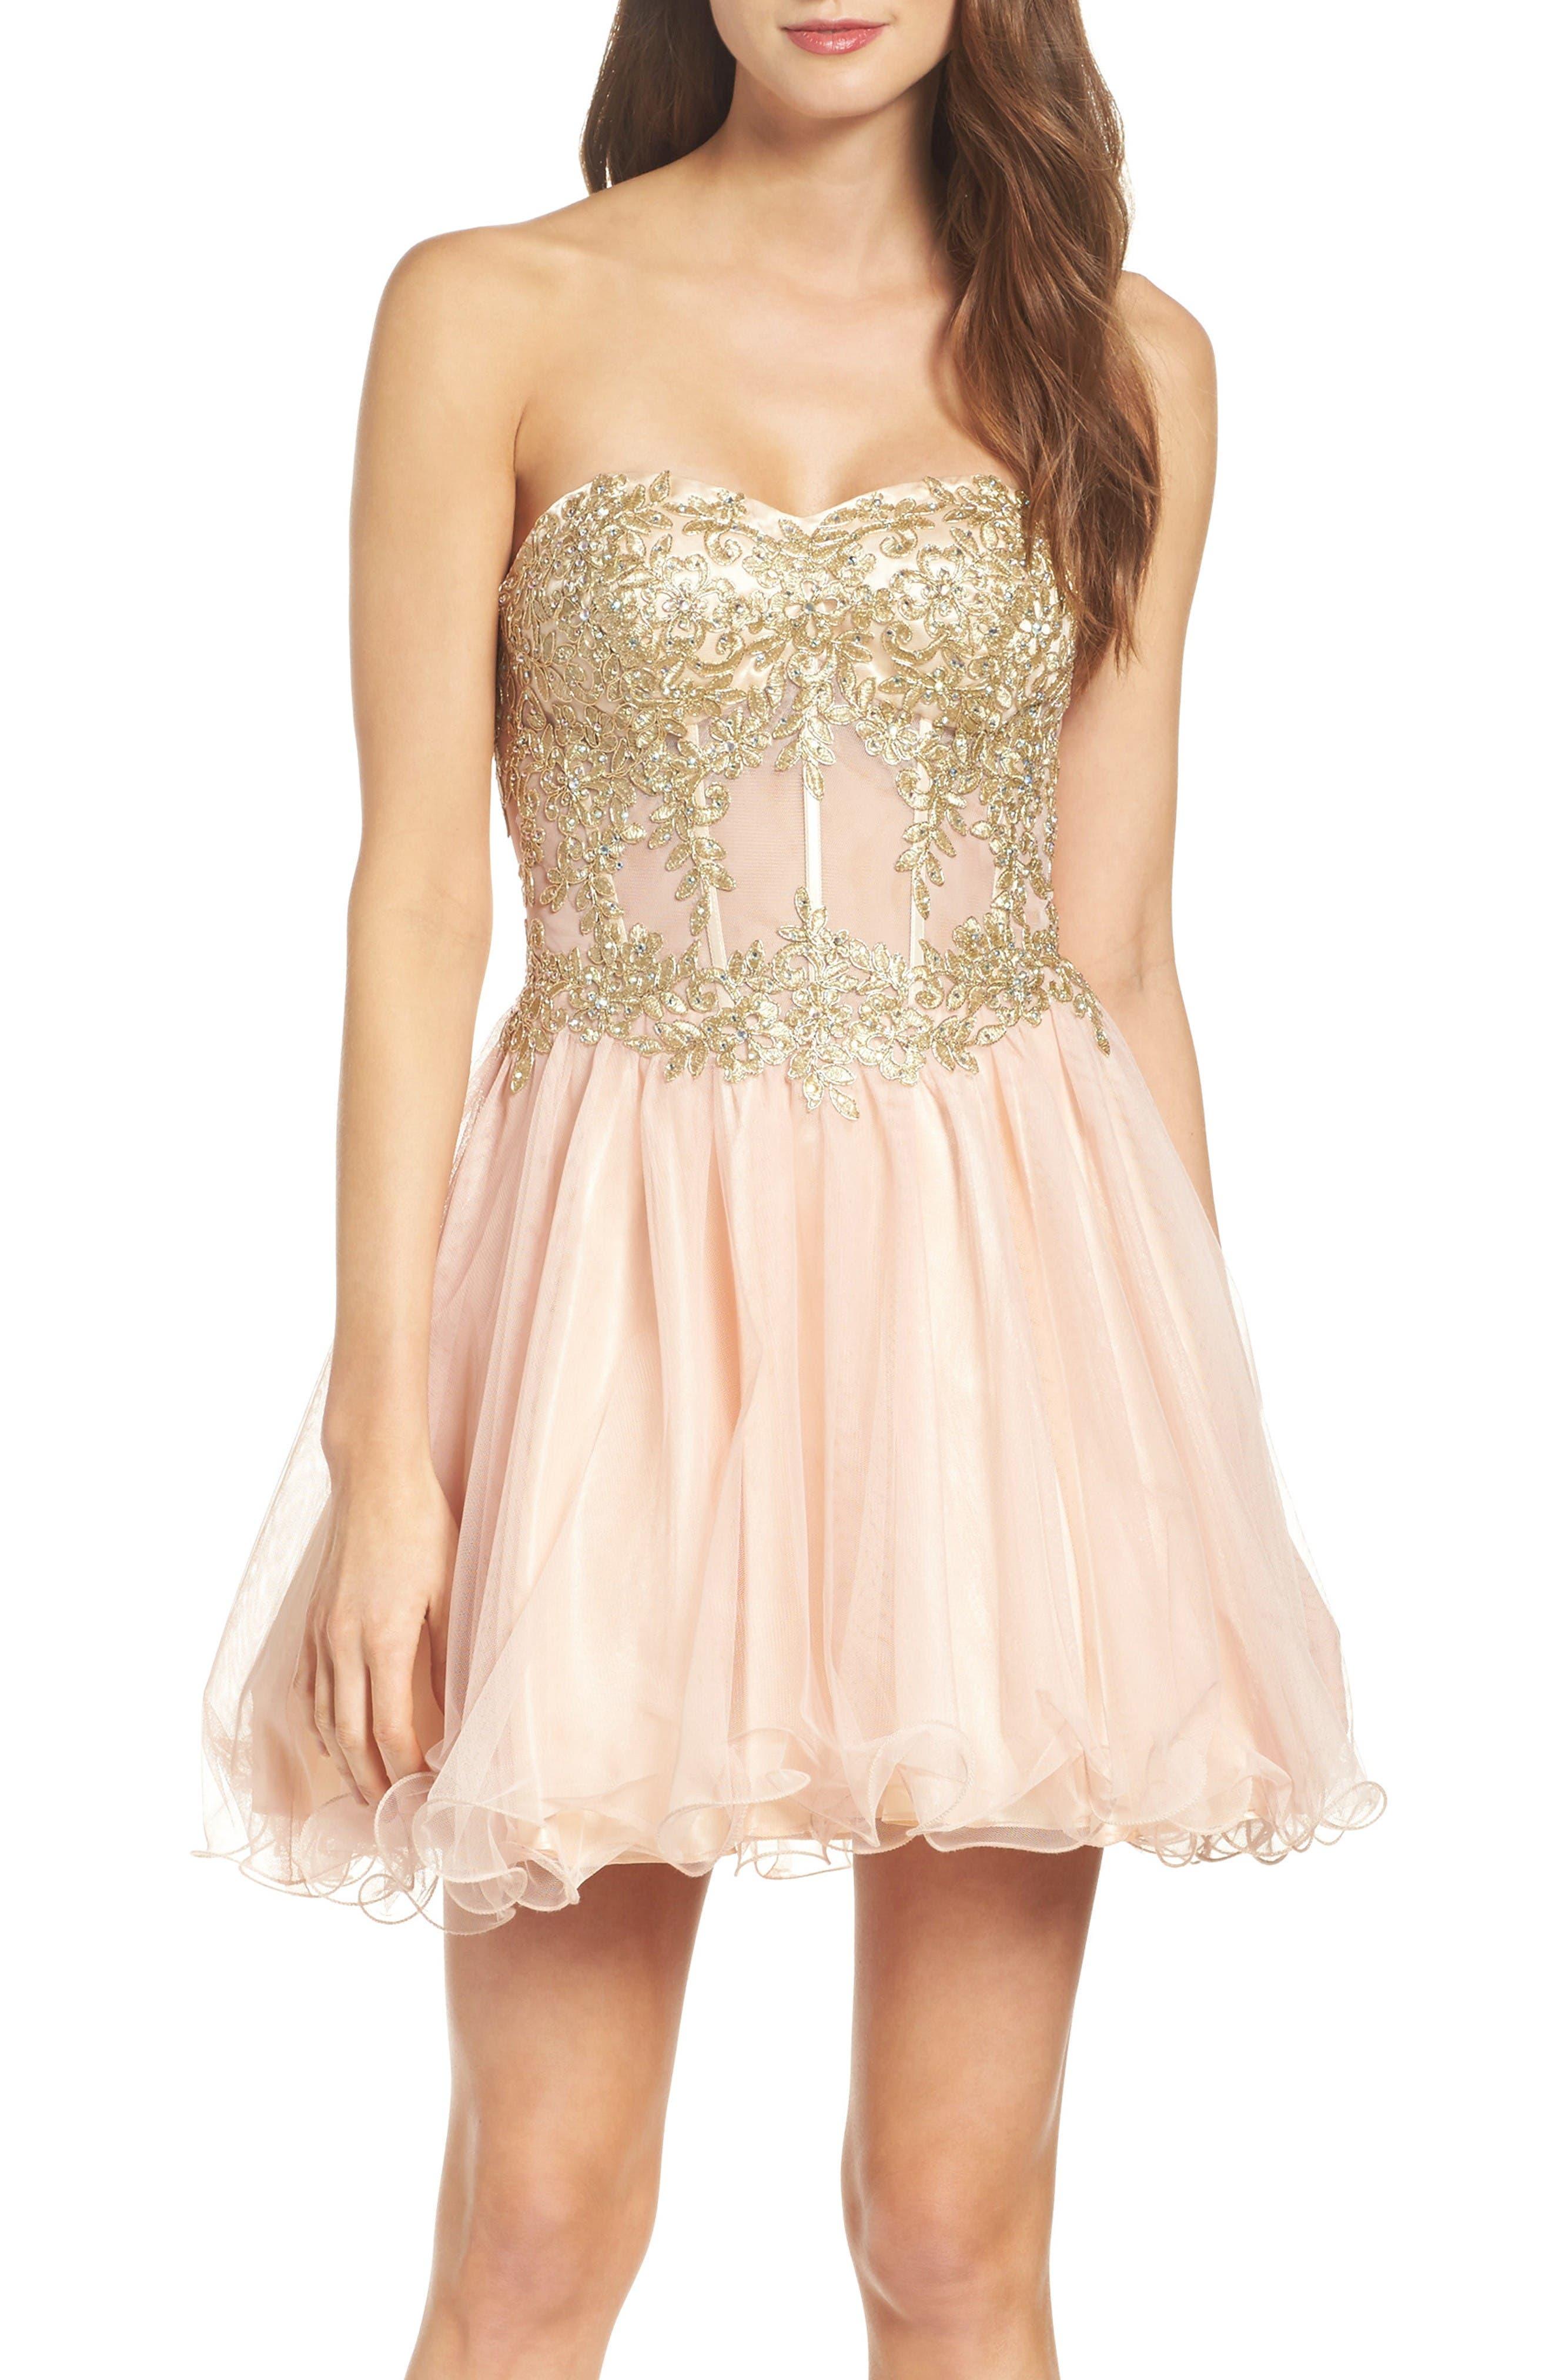 BLONDIE NITES Strapless Bustier Dress